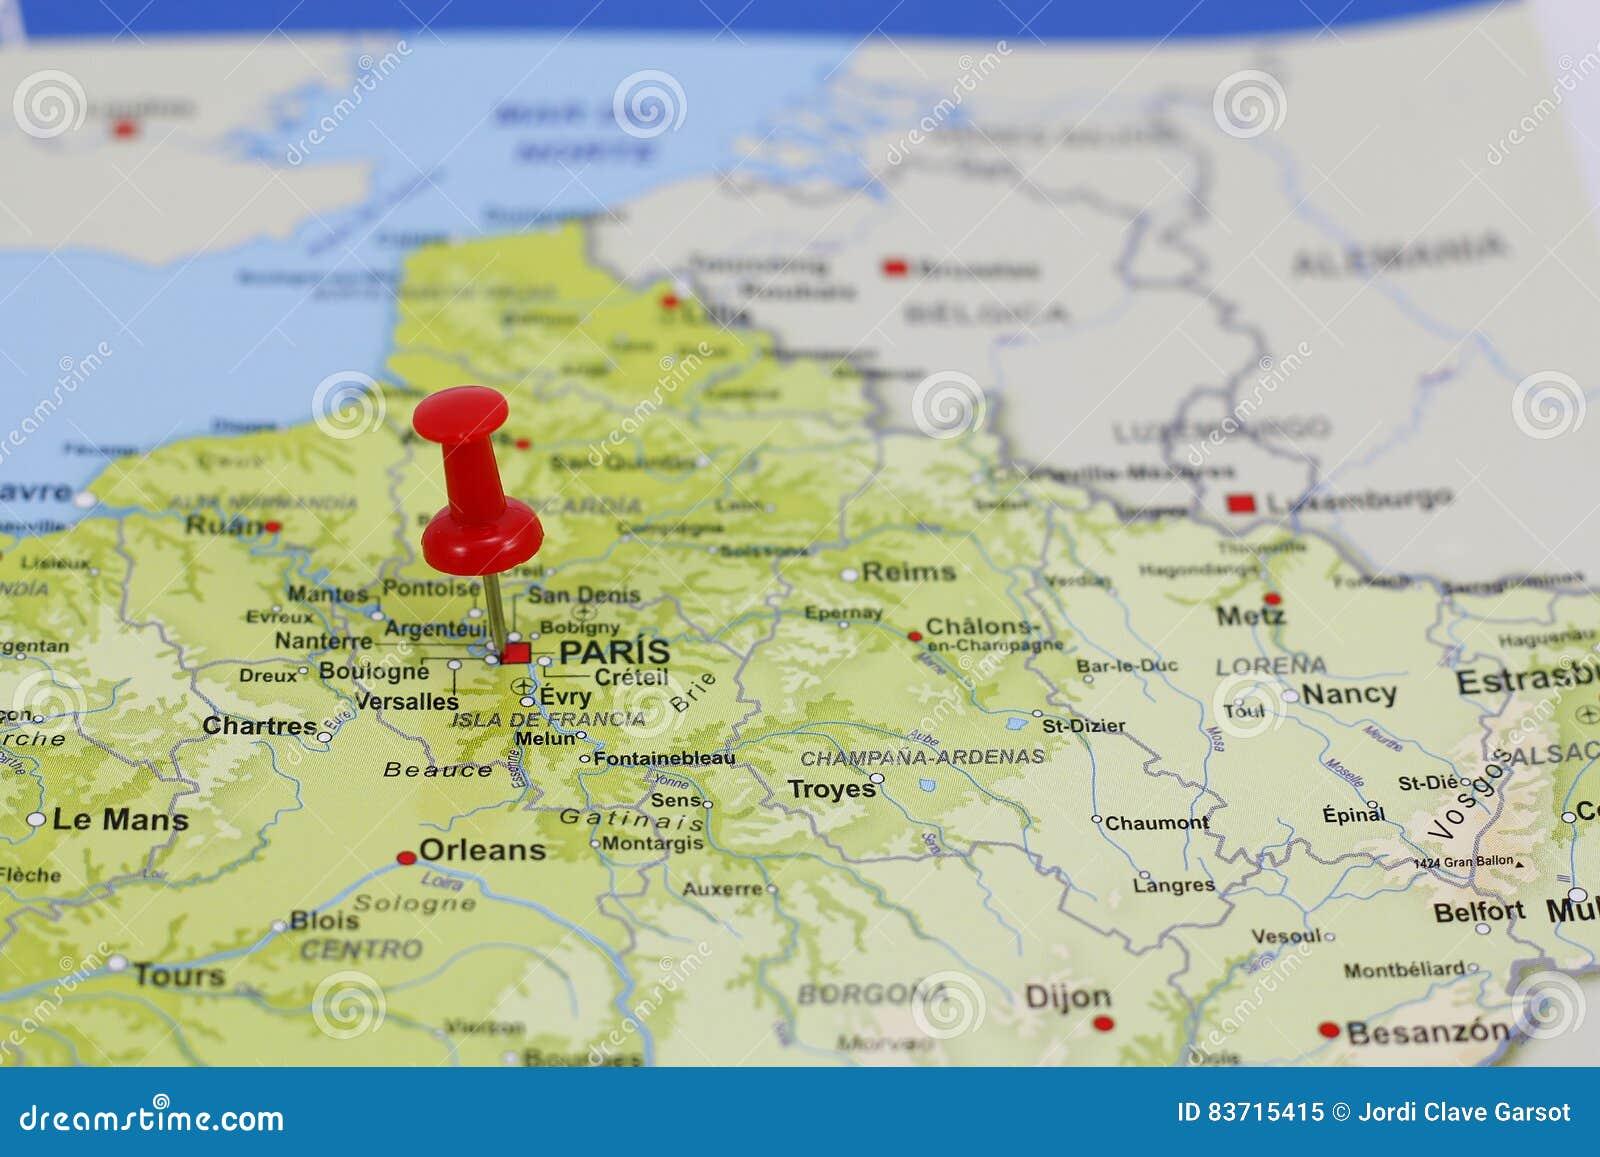 Mapa De Paris Centro.Pino De Paris Em Um Mapa Imagem De Stock Imagem De Estrada